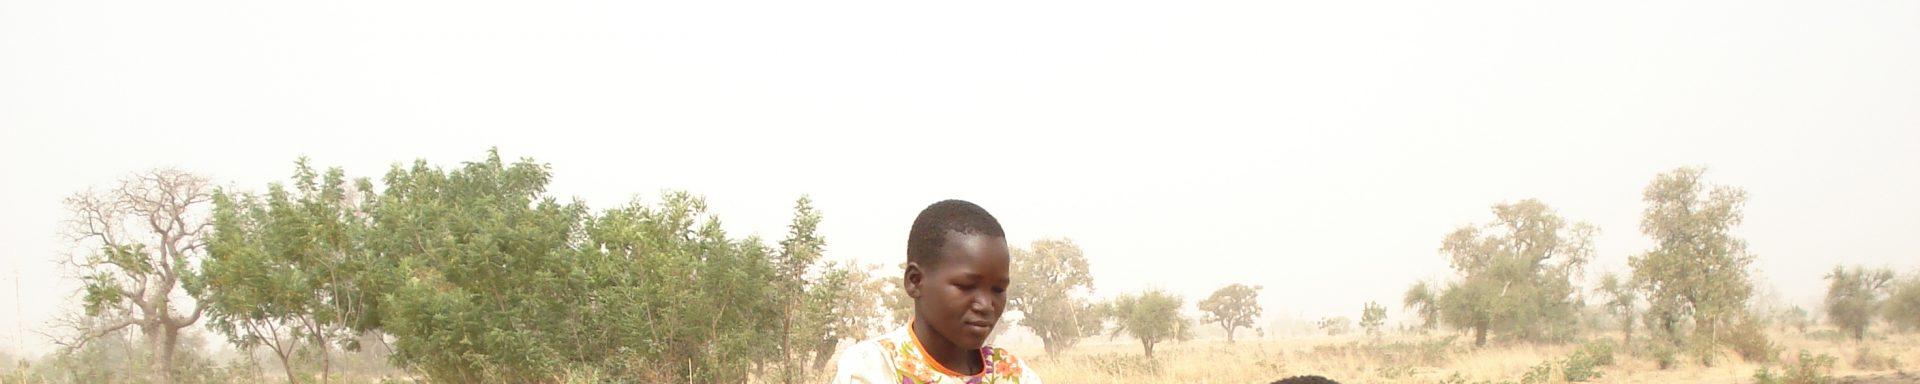 Kinderen gebruiken waterpomp in Burkina Faso